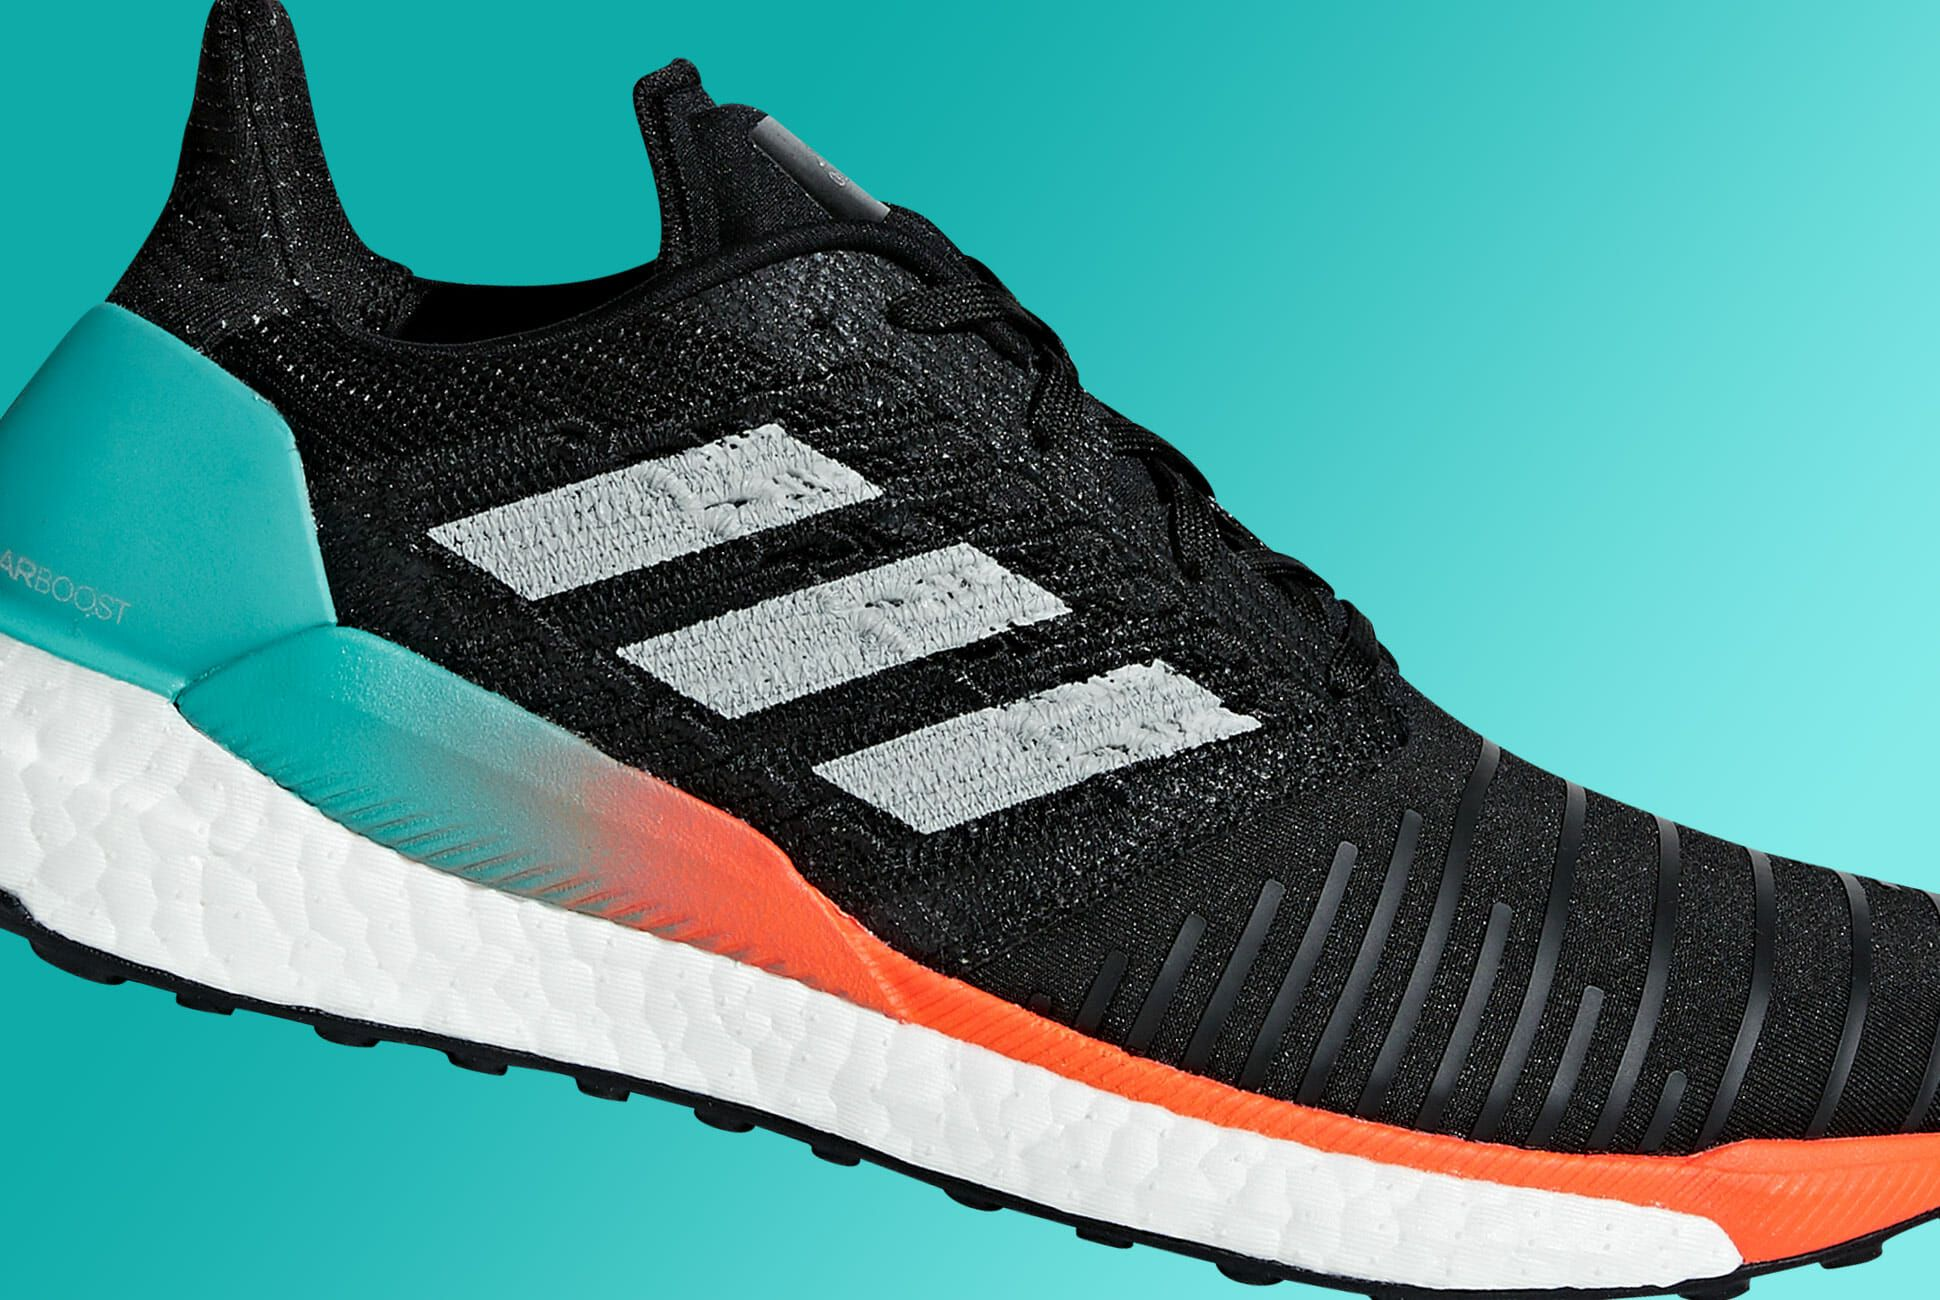 adidas boost 2018